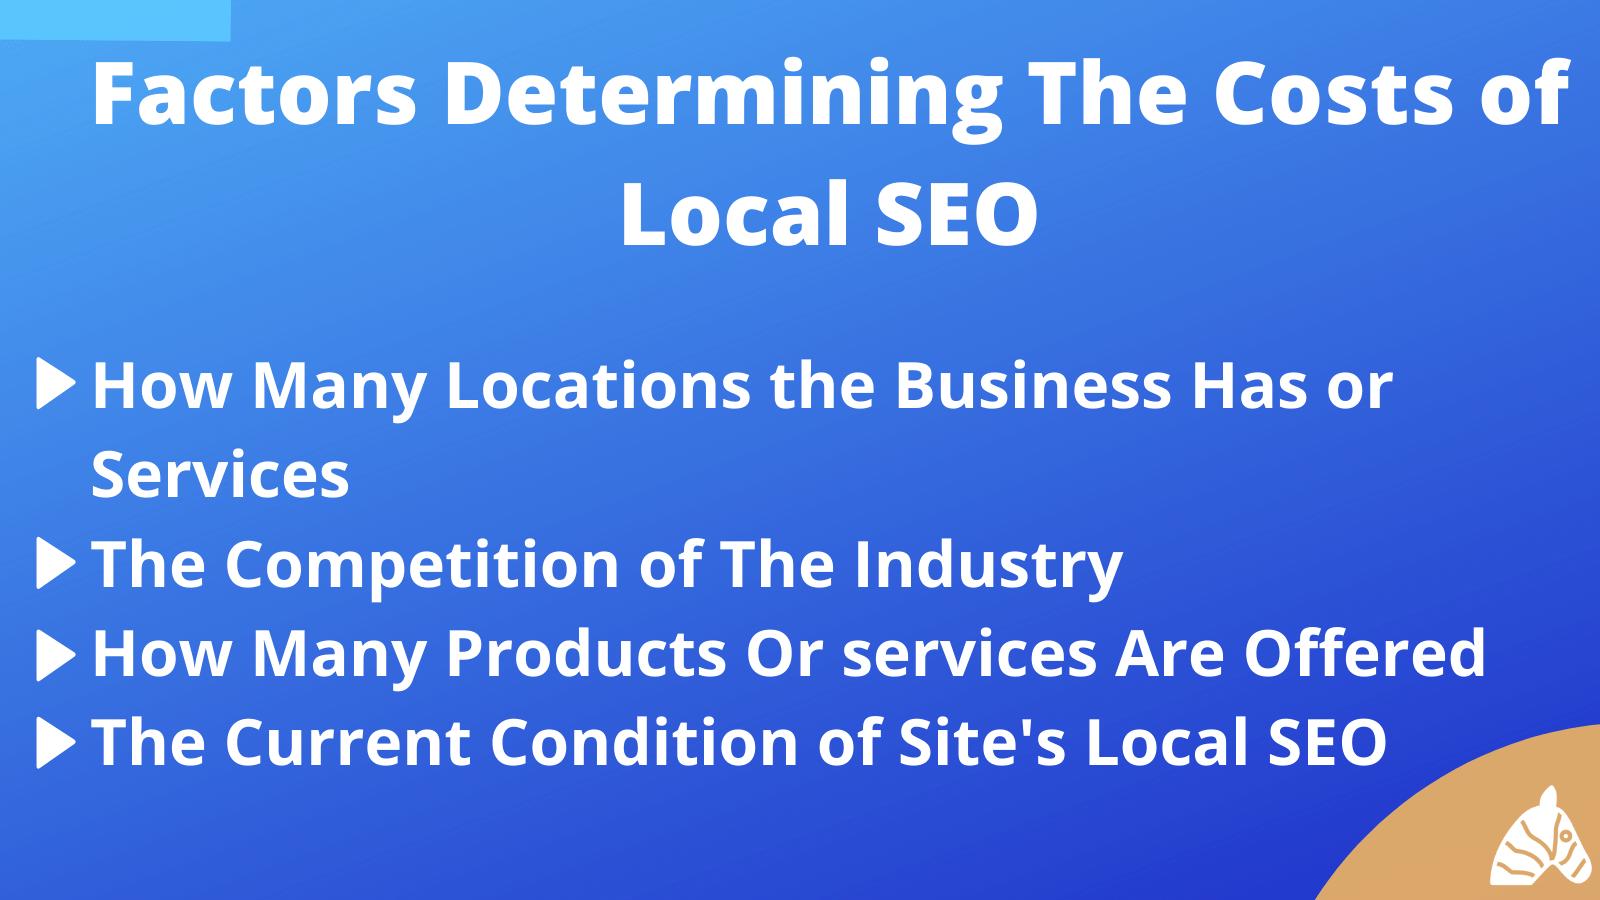 factors determining local SEO costs